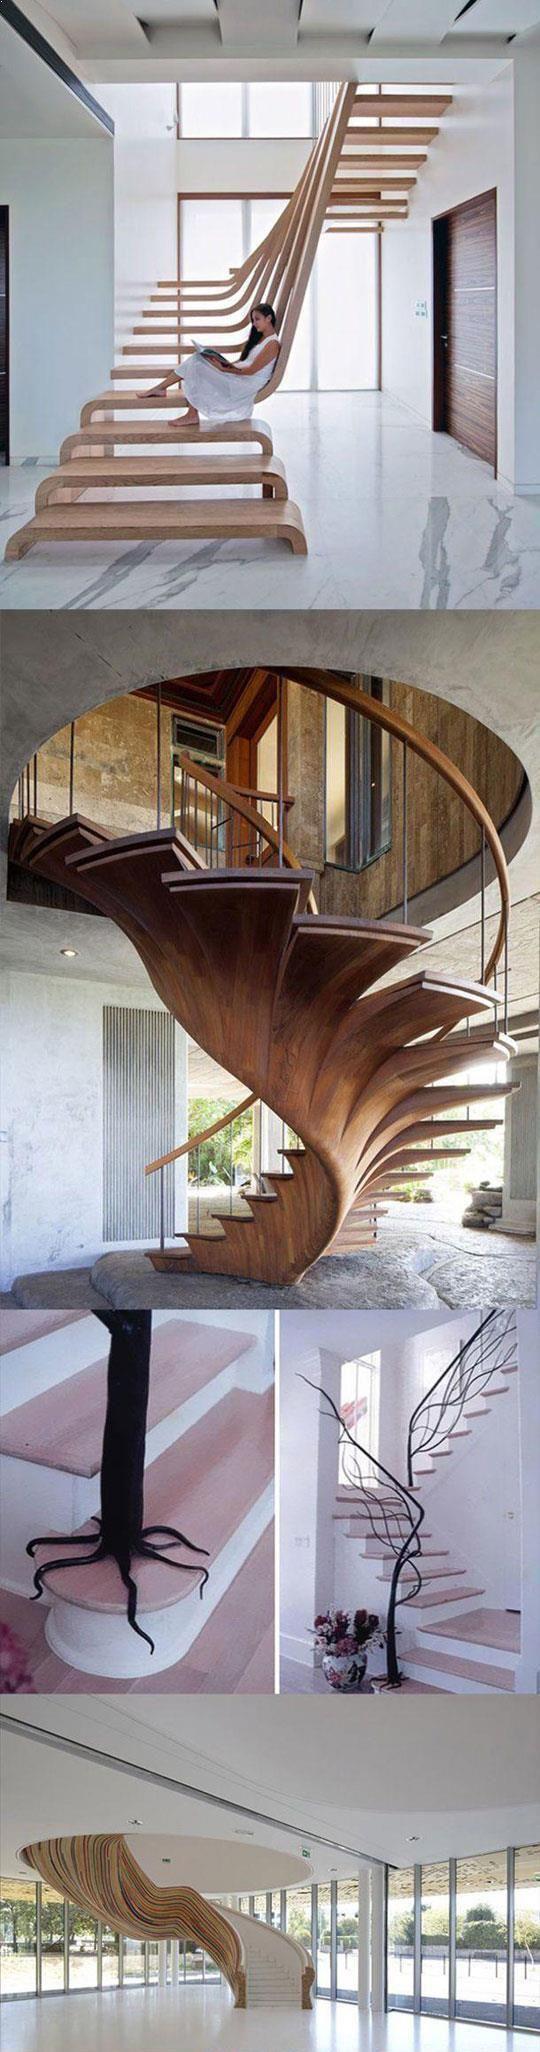 scari de mare efect pentru interioare cu pretentii